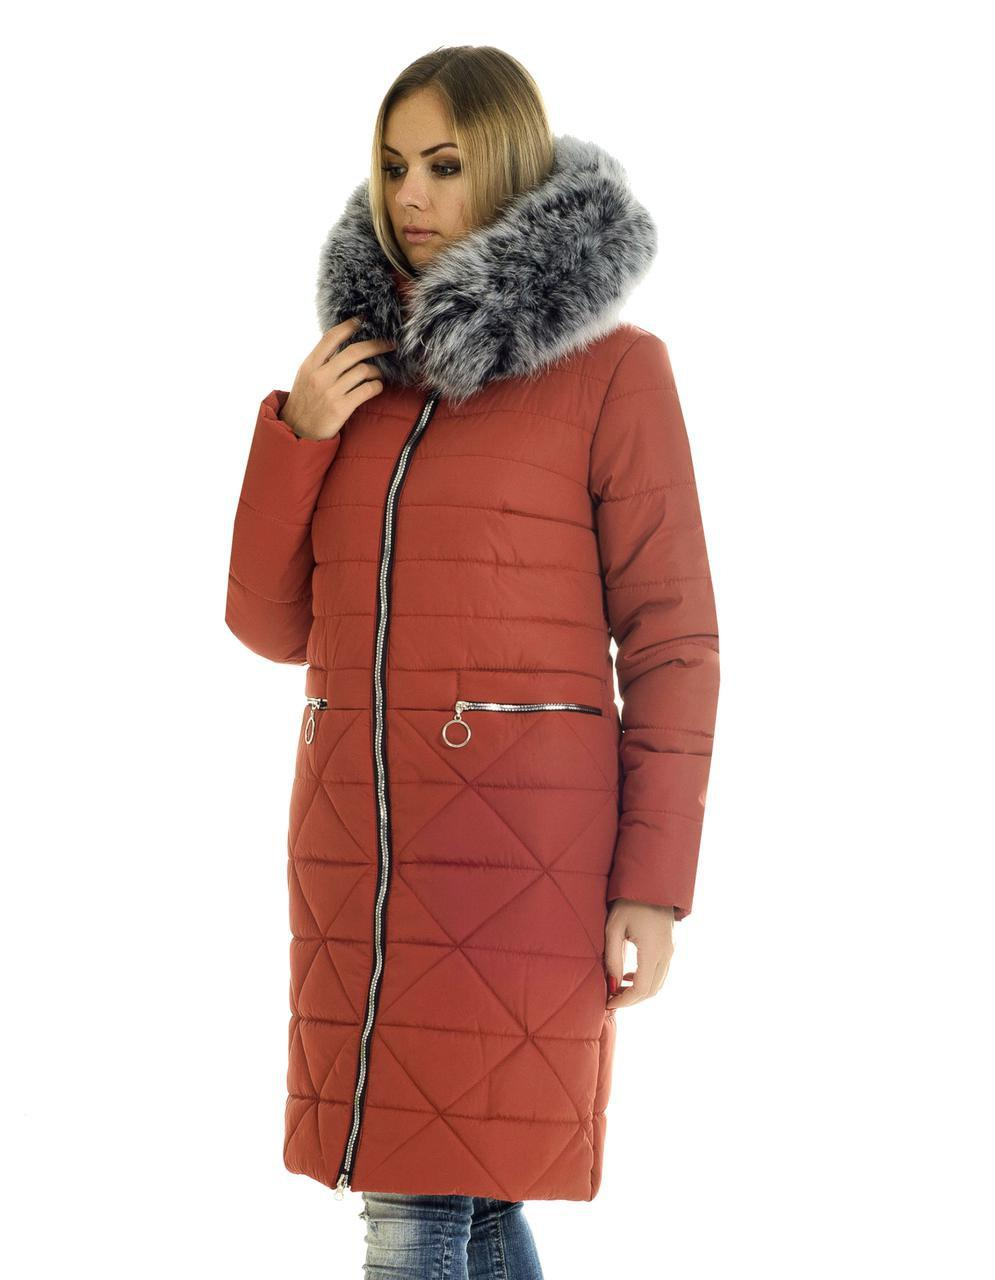 Пальто зимнее женское украина  с мехом  42-56 терракот